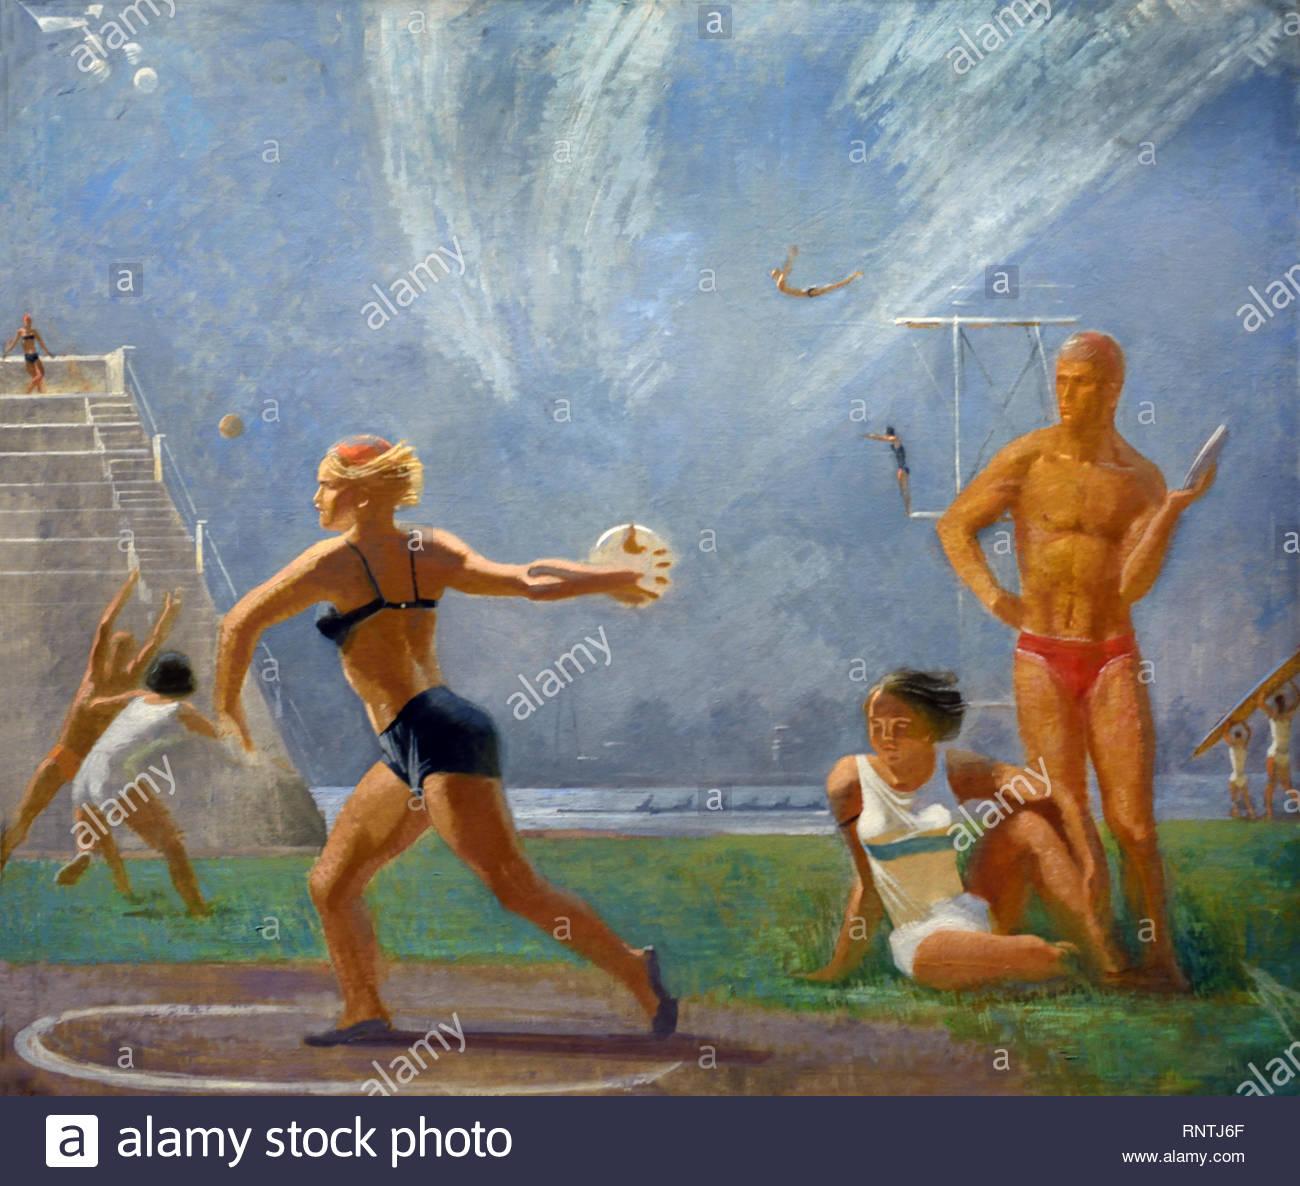 En el estadio (atletismo) 1934 Alexander Samokhvalov. Propaganda comunista Unión Soviética (Rusia bajo Lenin y Stalin1921-1953 ). Imagen De Stock